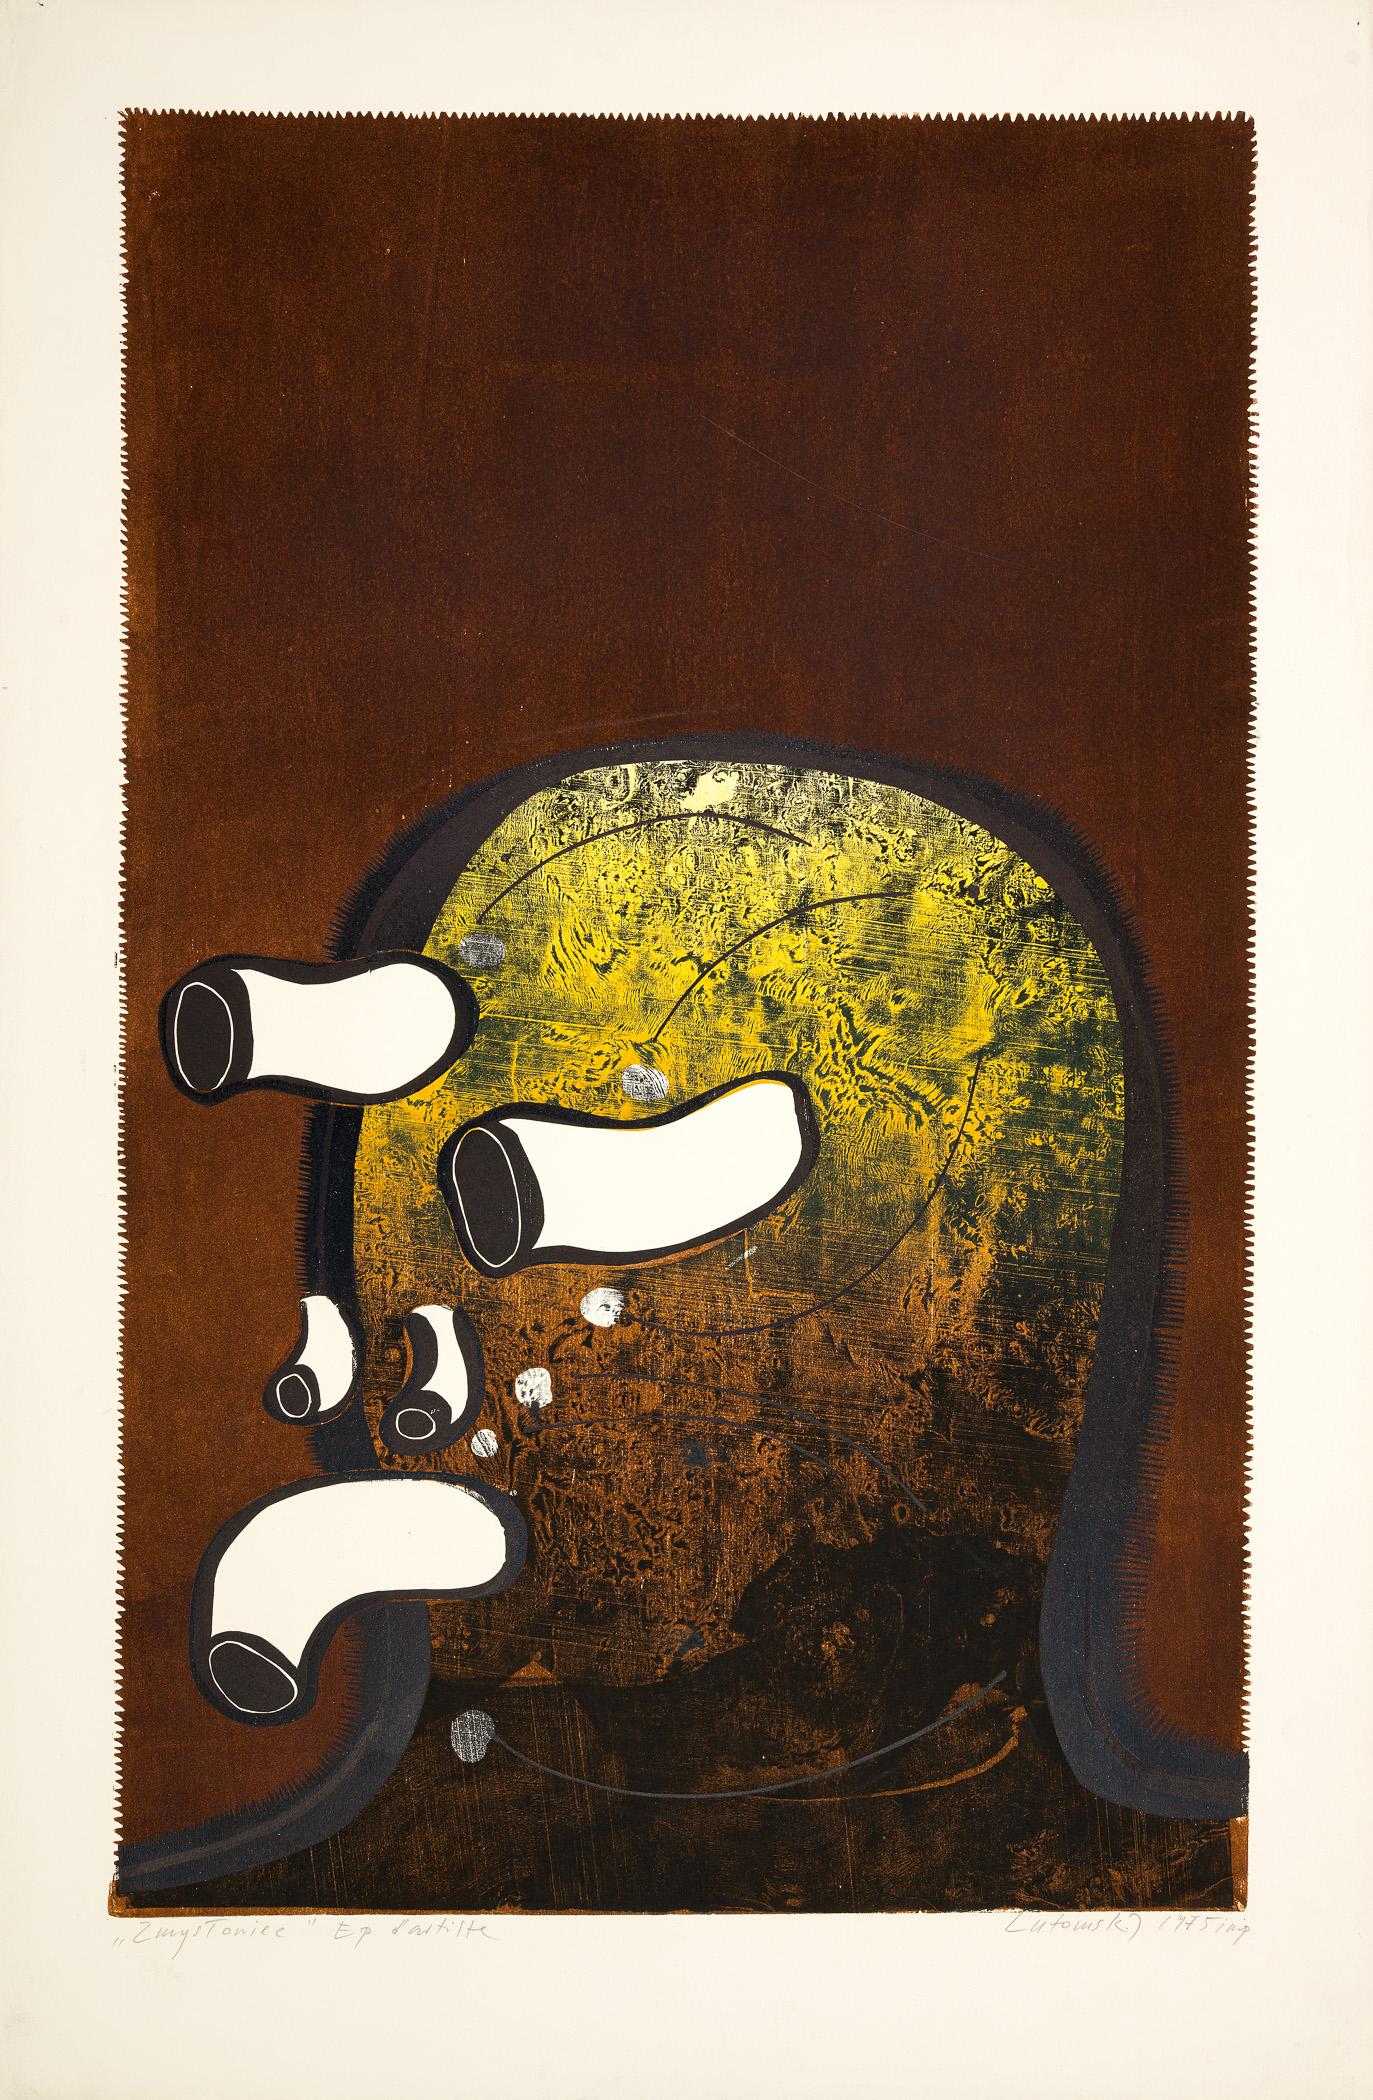 Zmysłowiec, 1975